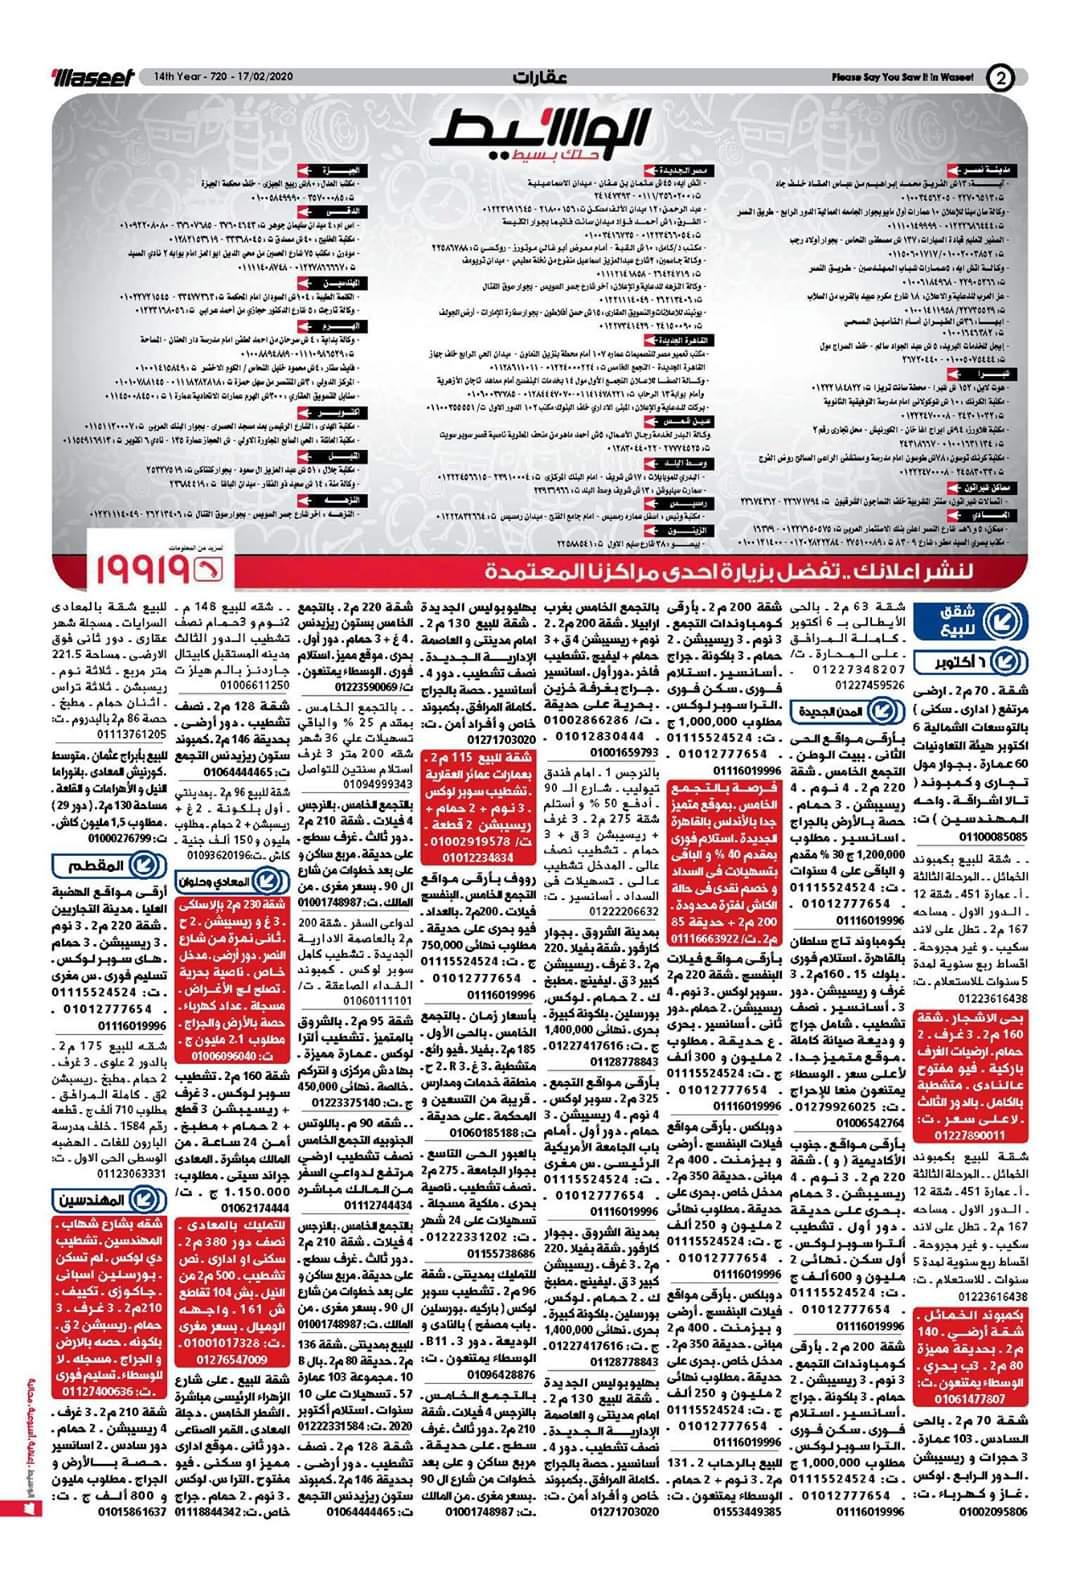 الوسيط وظائف واعلانات الوسيط الاثنين 17 فبراير 2020